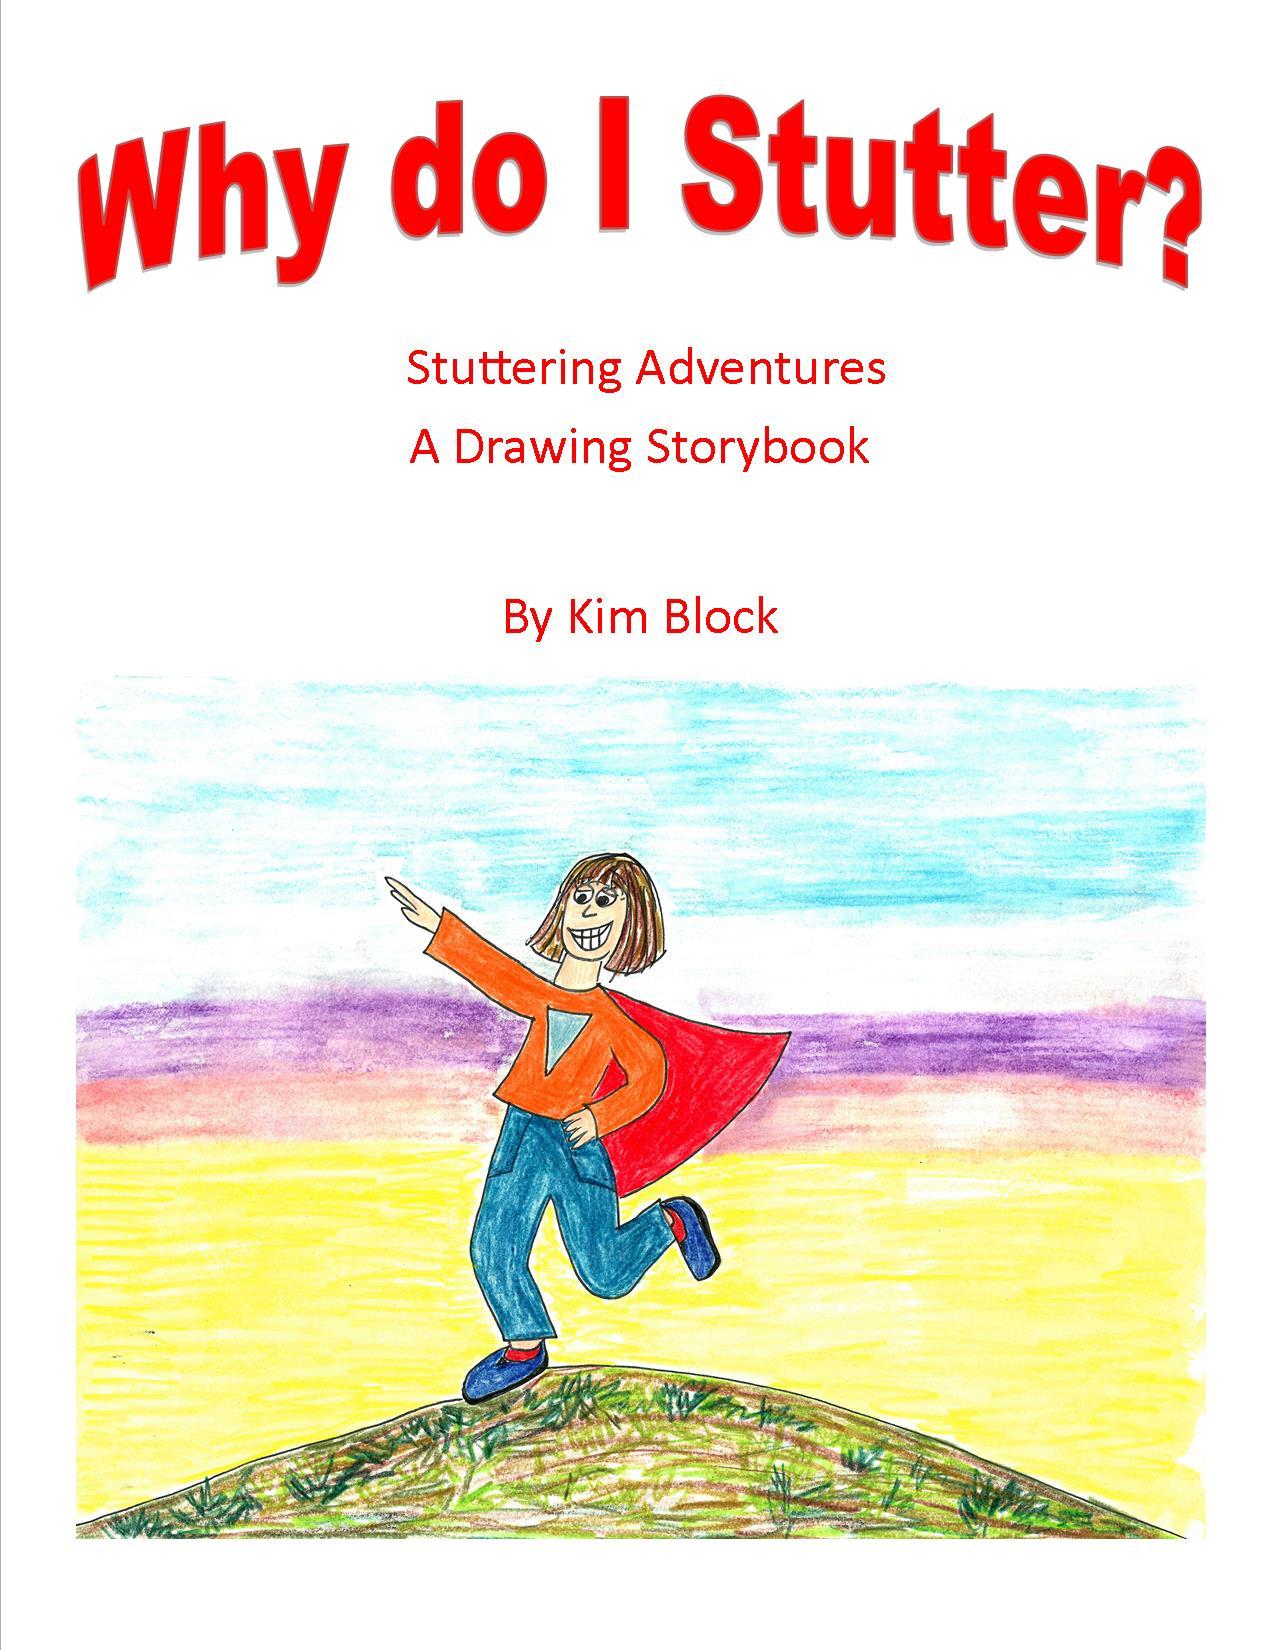 Why do I stutter cover